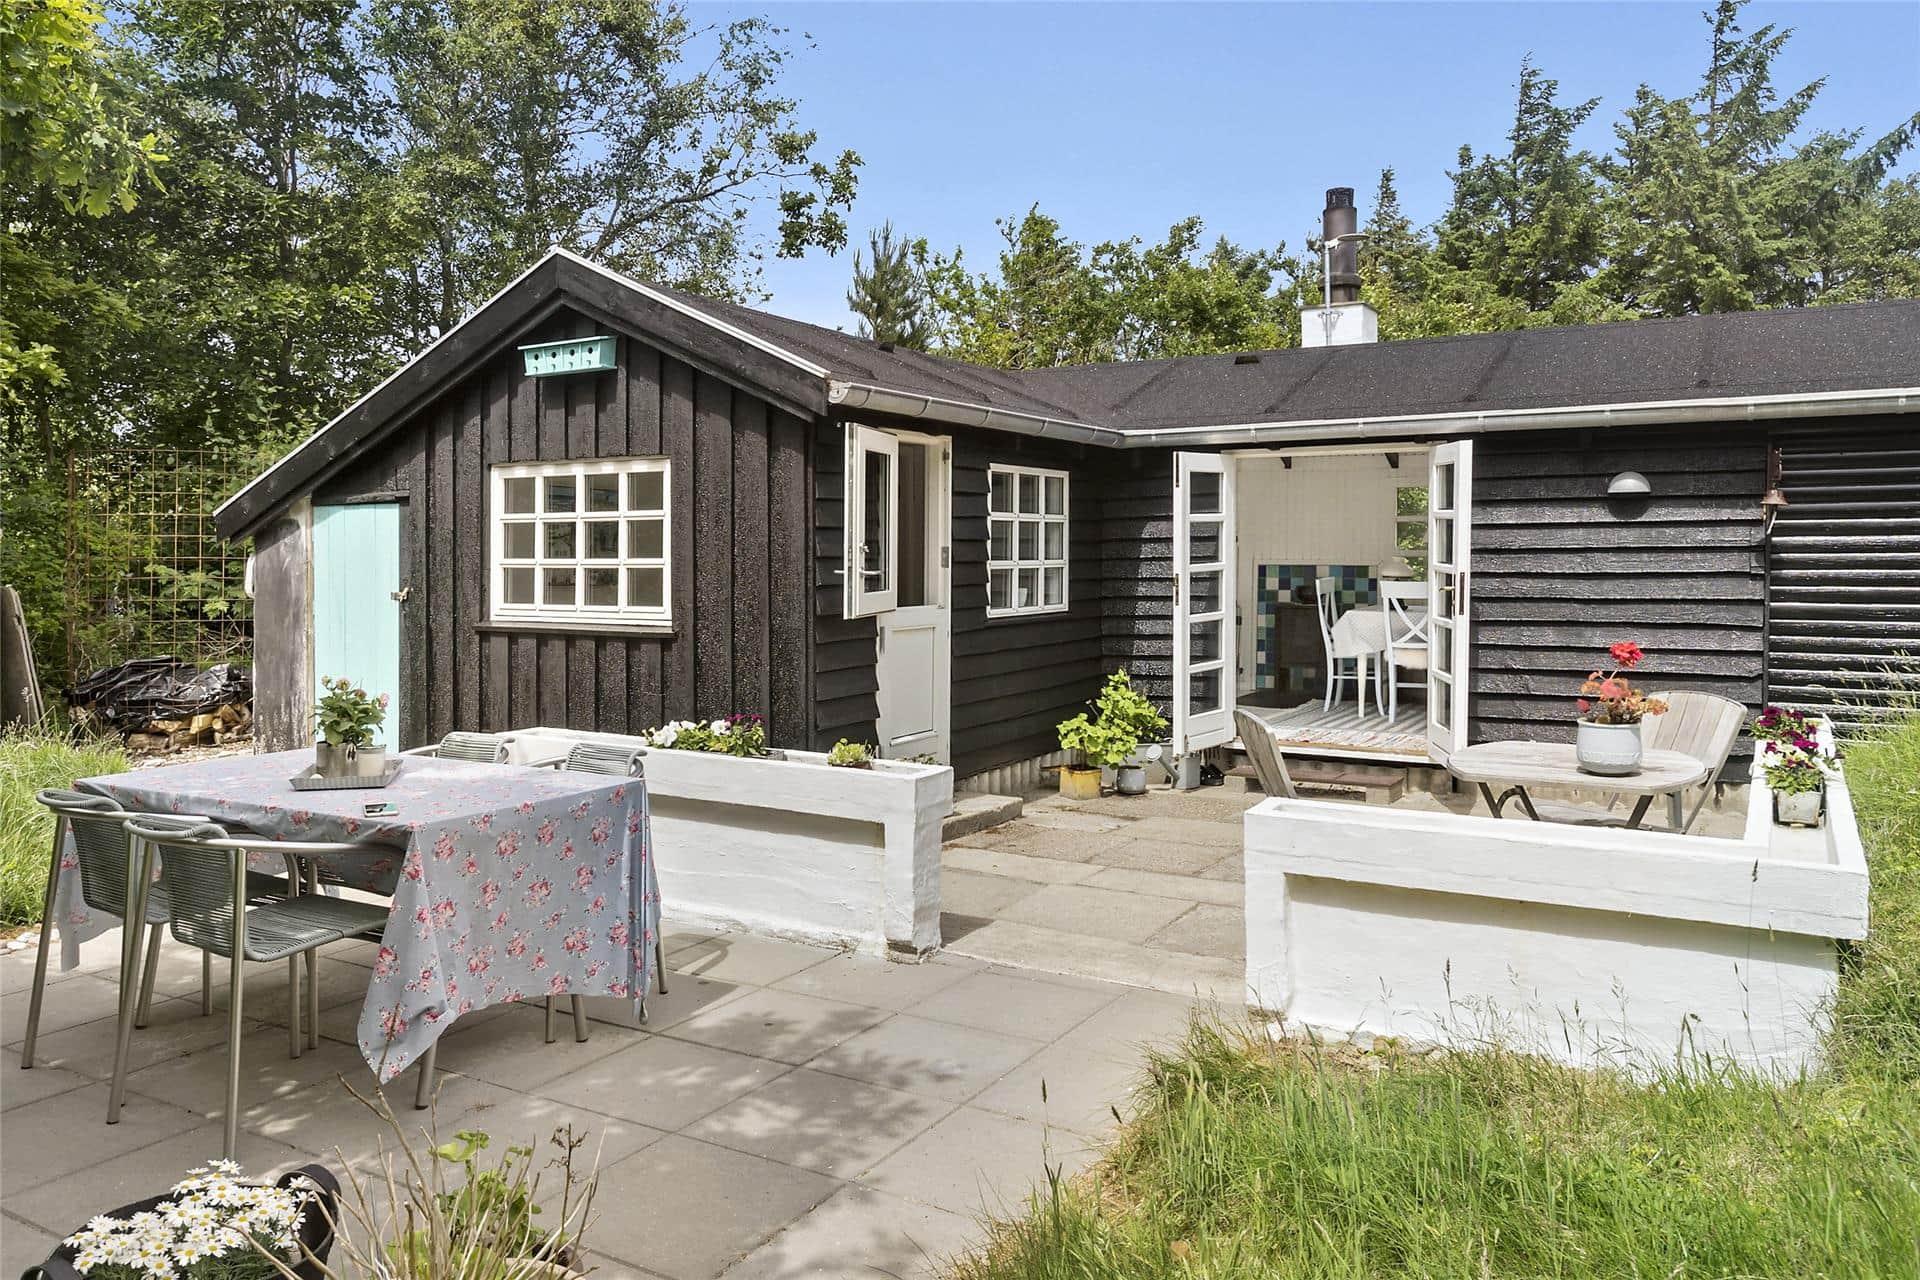 Afbeelding 1-14 Vakantiehuis 1340, Havørns Alle 7, DK - 9492 Blokhus